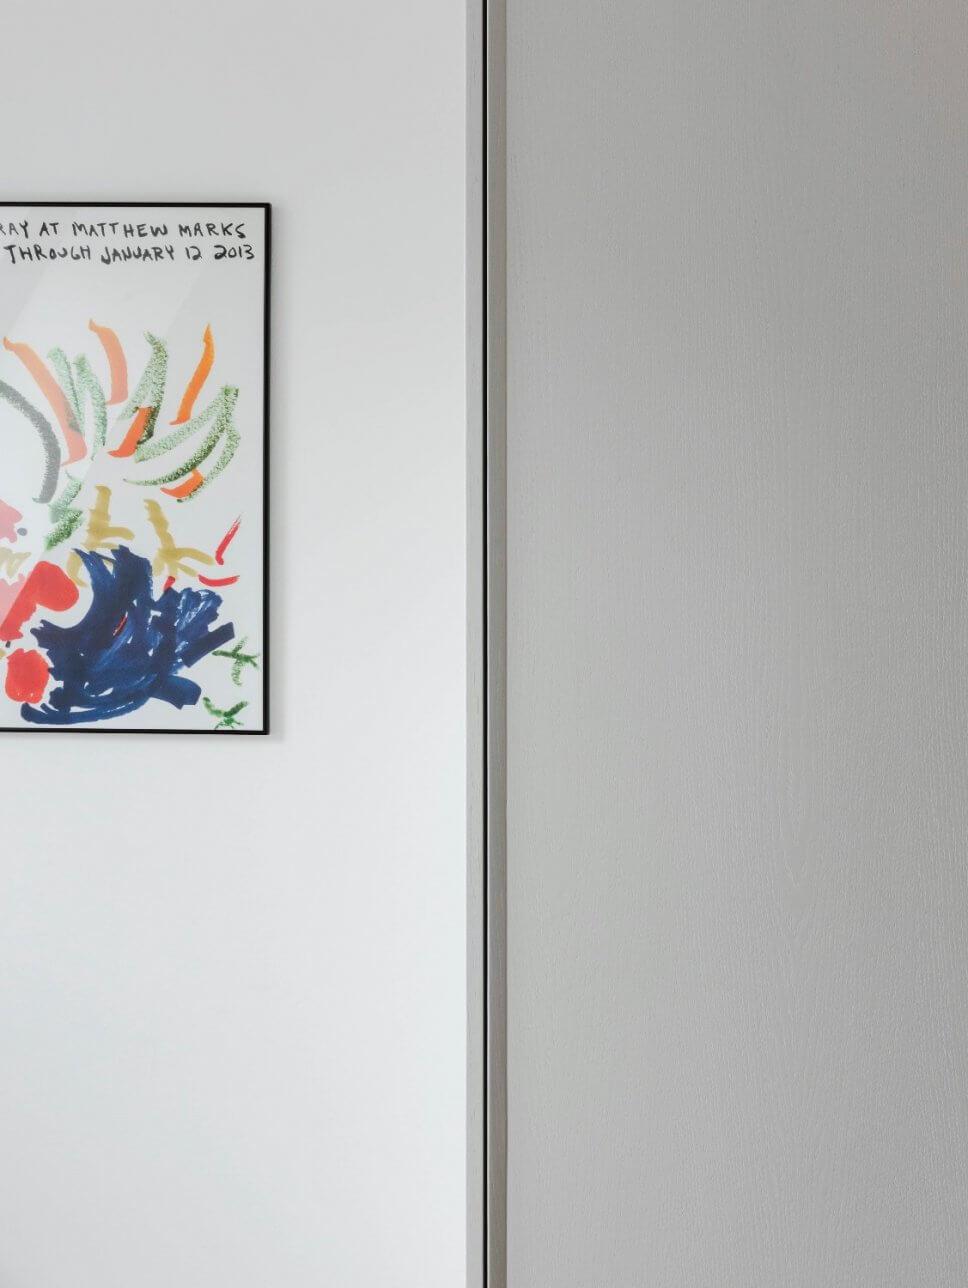 Modernes Kunstwerk hängt neben Kleiderschrank